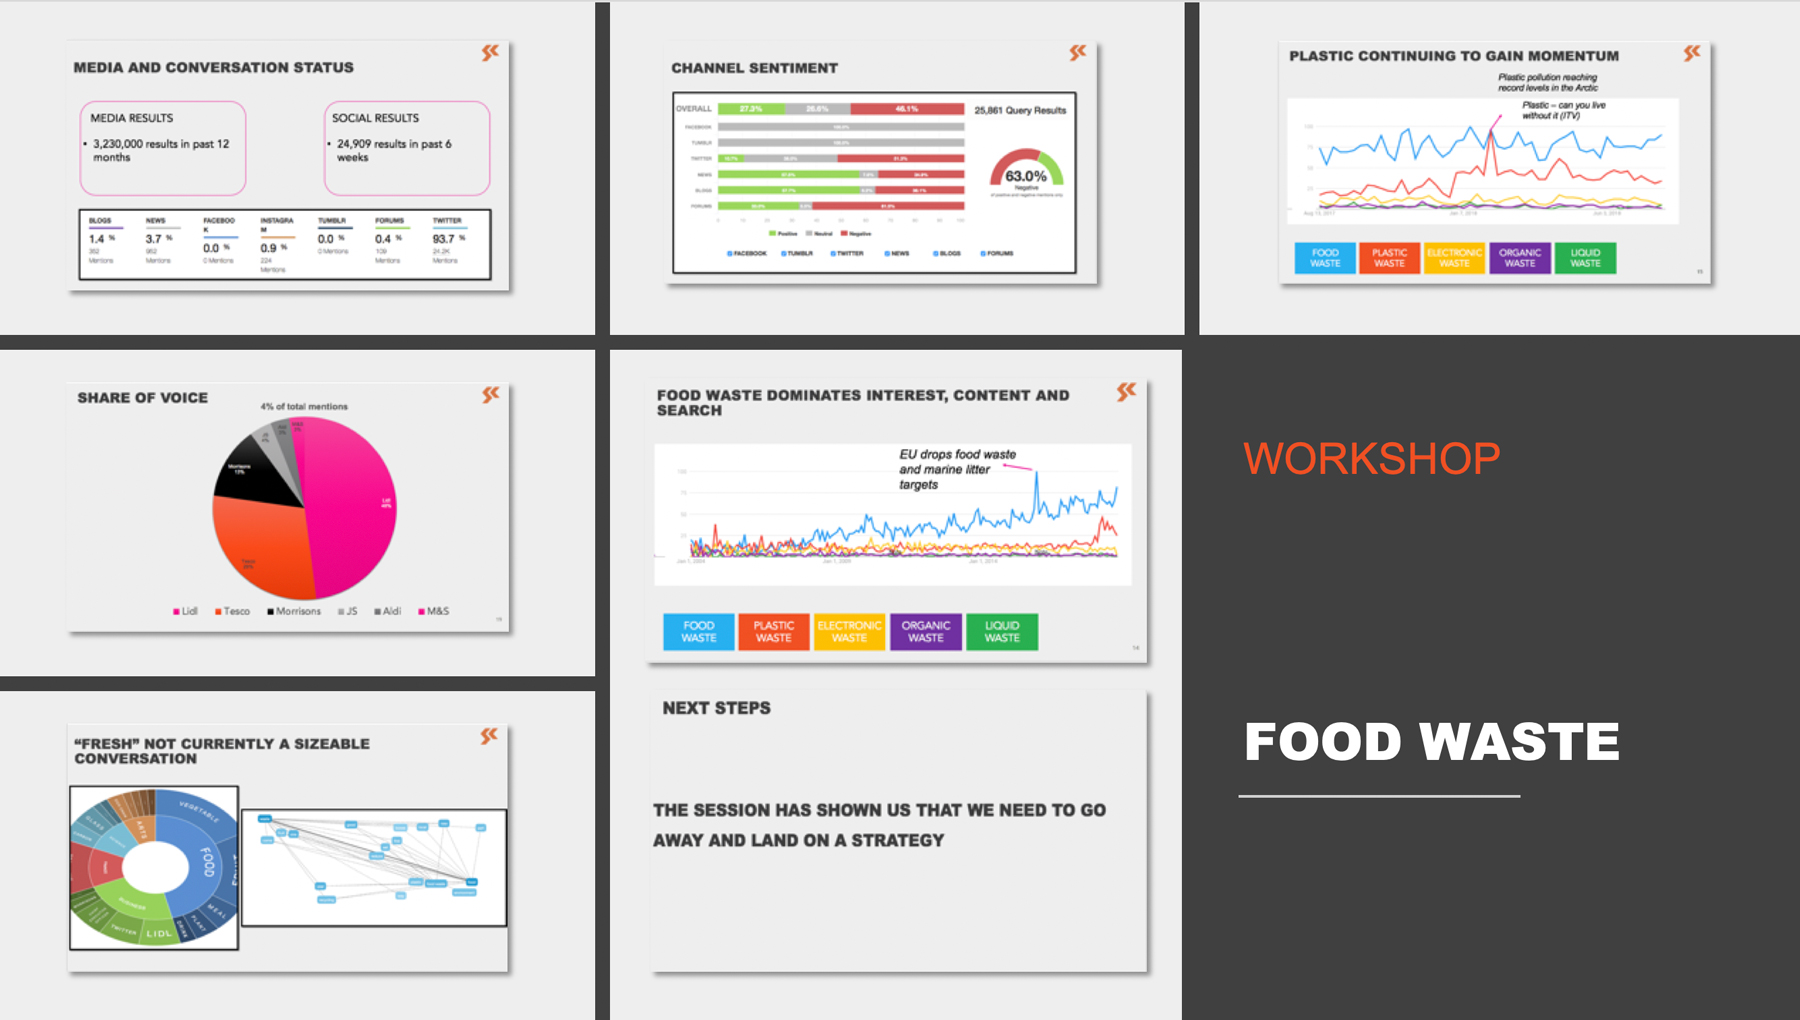 M&S Modern PR food waste workshops